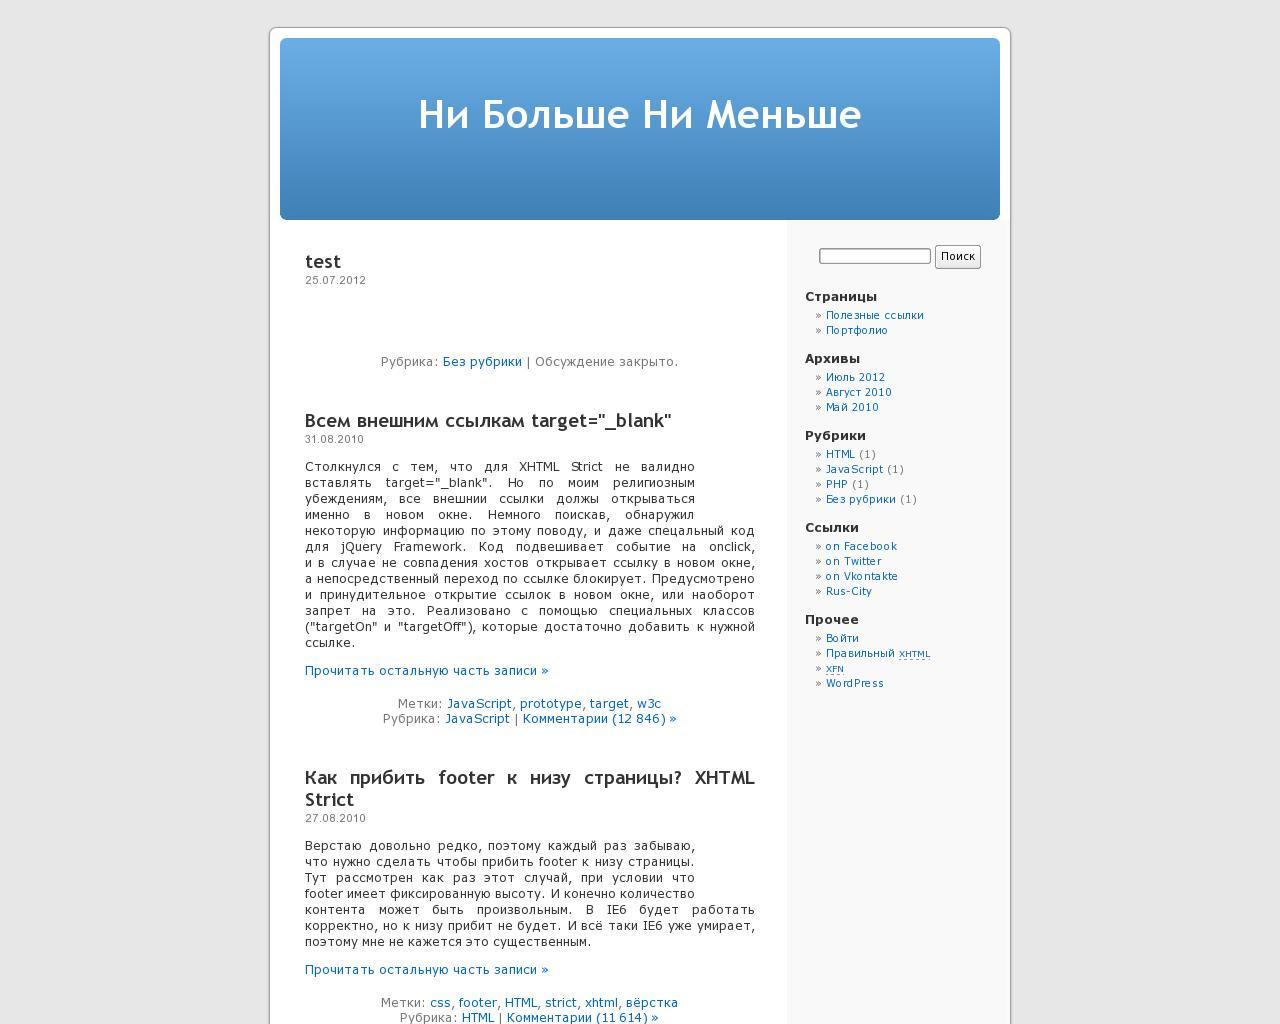 Как сделать ссылку чтобы открывалась в новом окне html